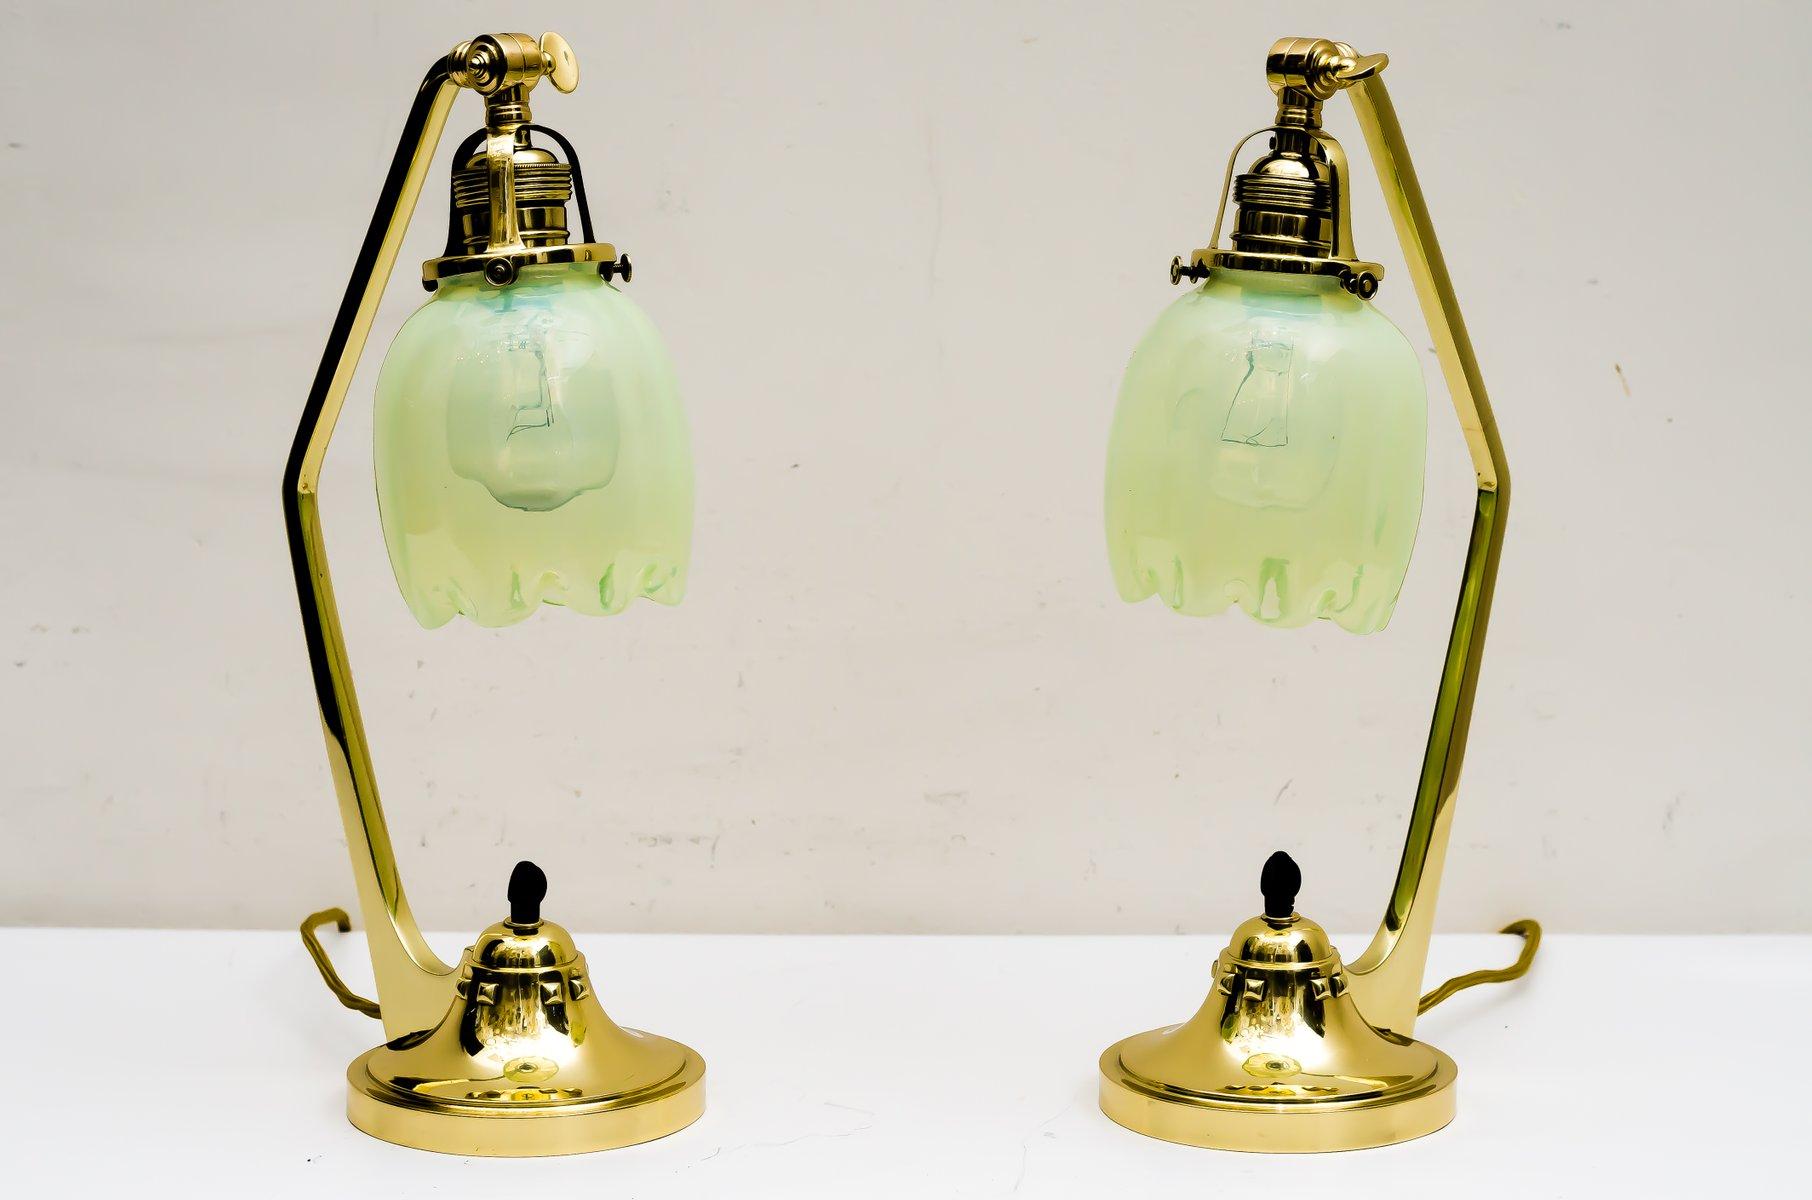 Antike Jugendstil Tischlampen mit Schirmen aus Opalglas, 1909, 2er Set